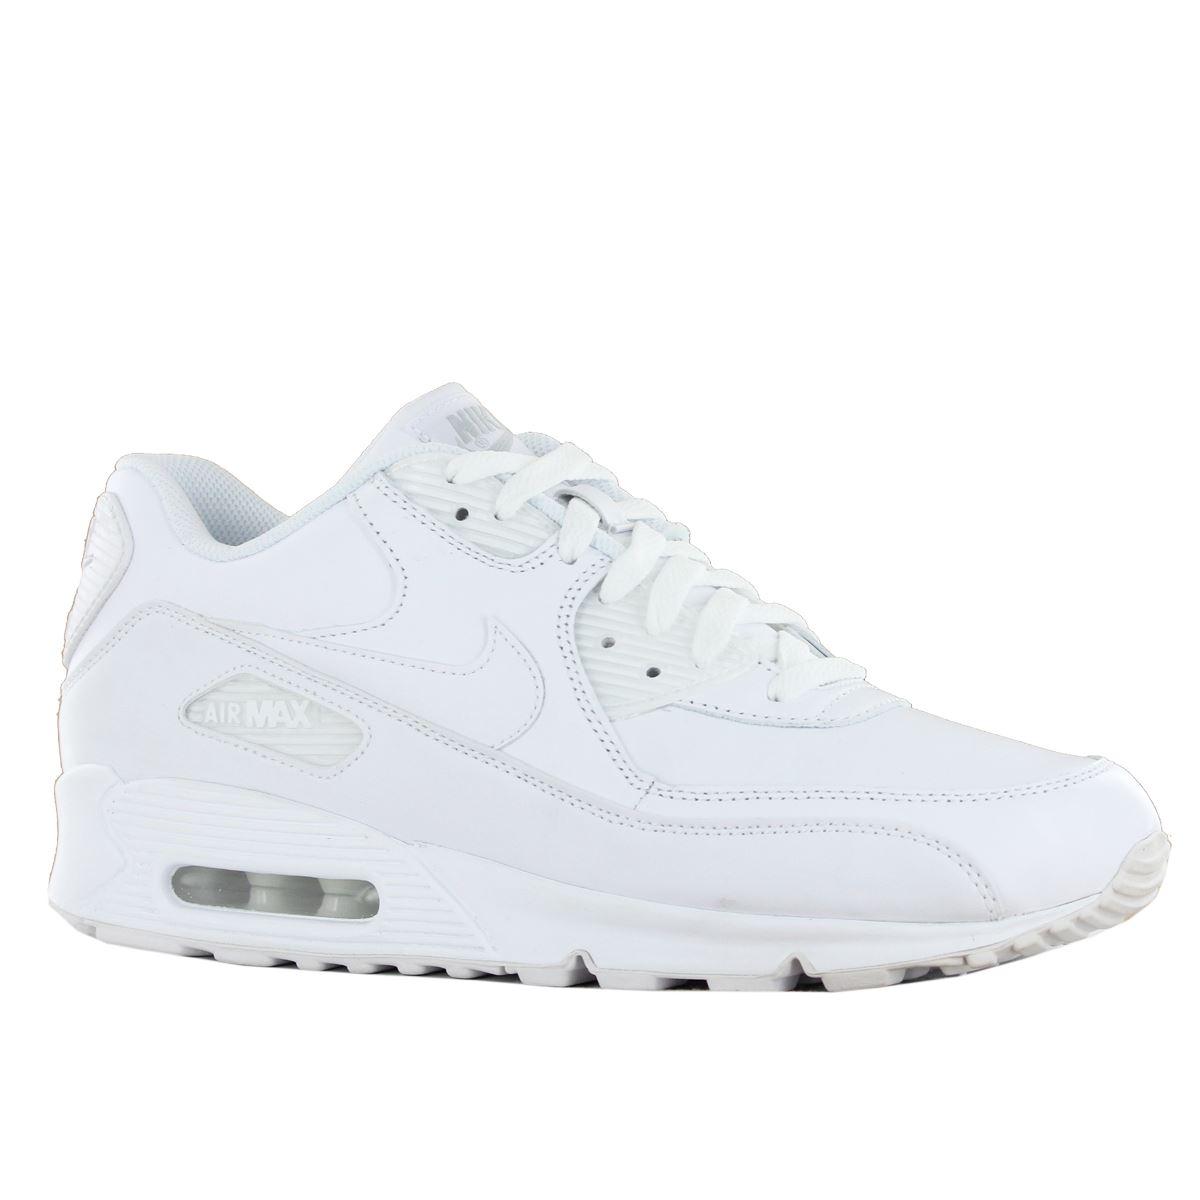 air max 90 white mens